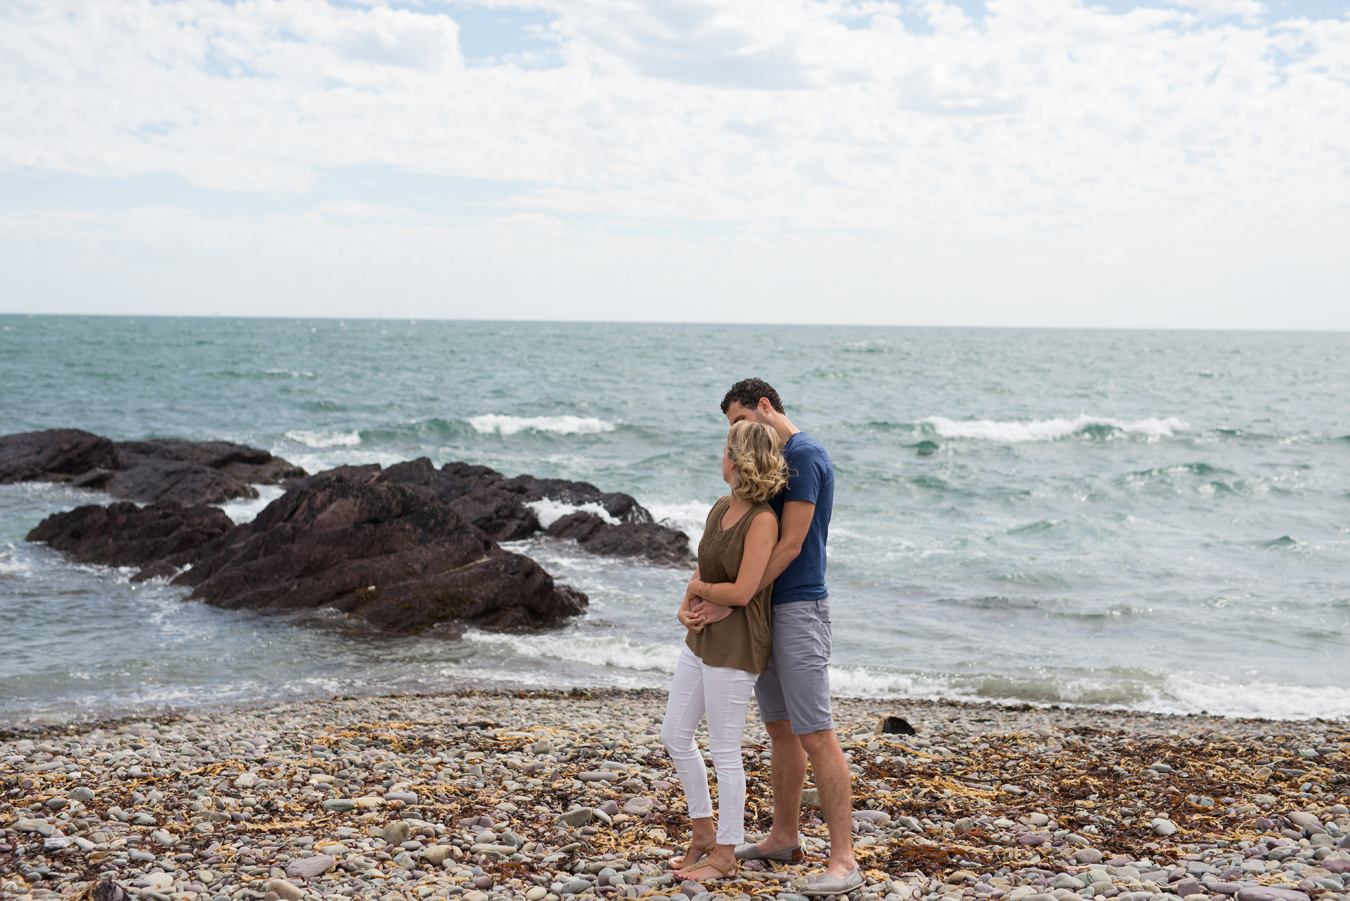 002-kärleksfotografering-uppsala-neas-fotografi.jpg